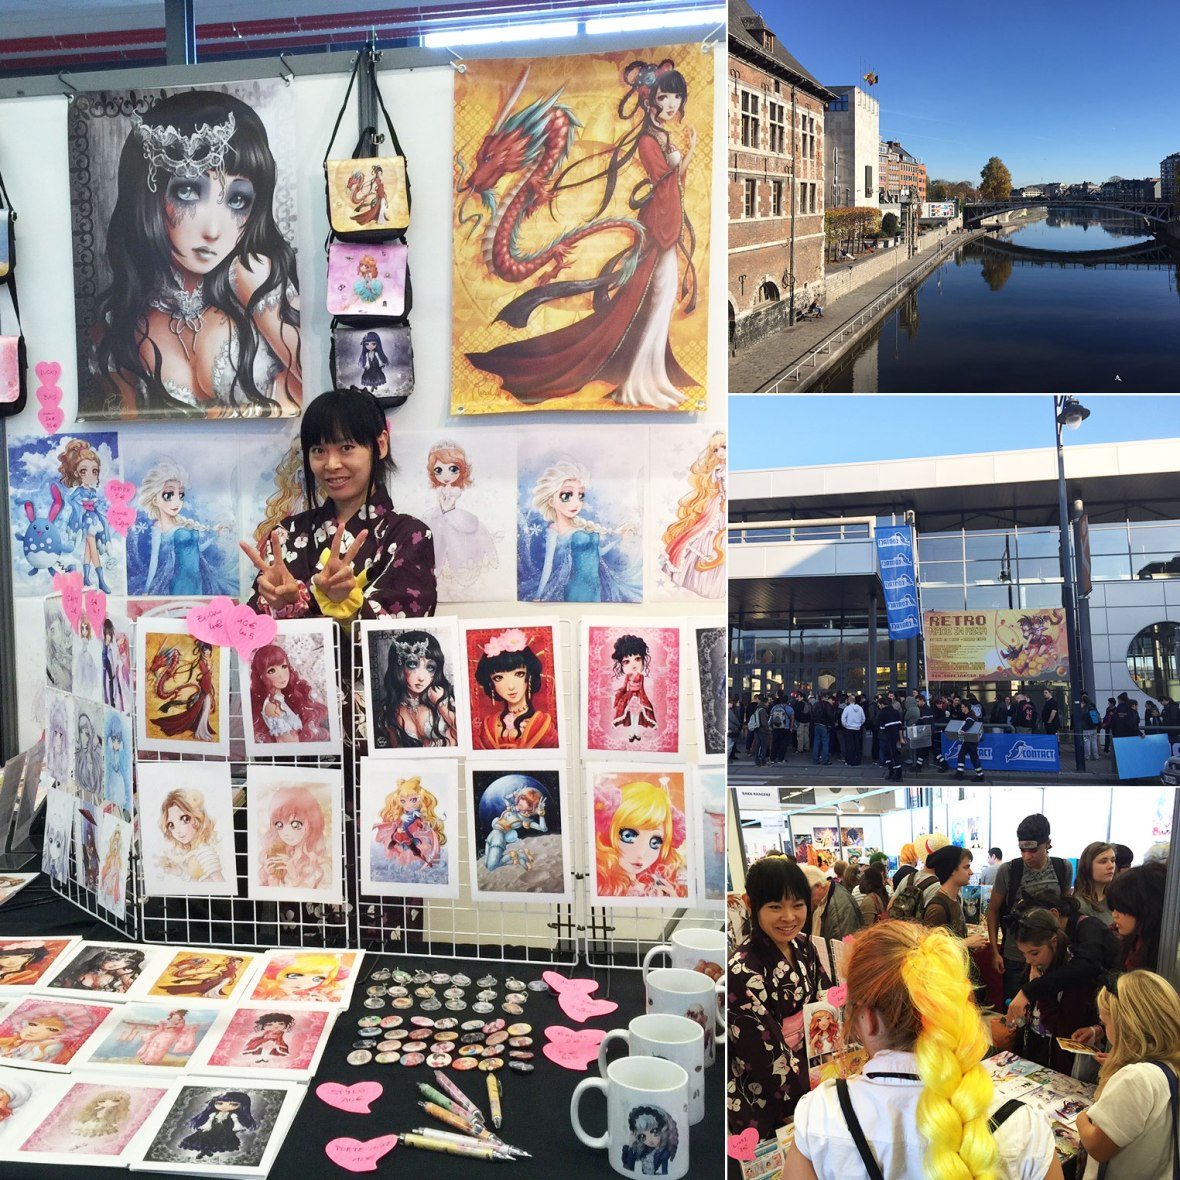 Festival Retro Made in Asia (Namur, BELGIUM): Oct 31-Nov 1, 2015